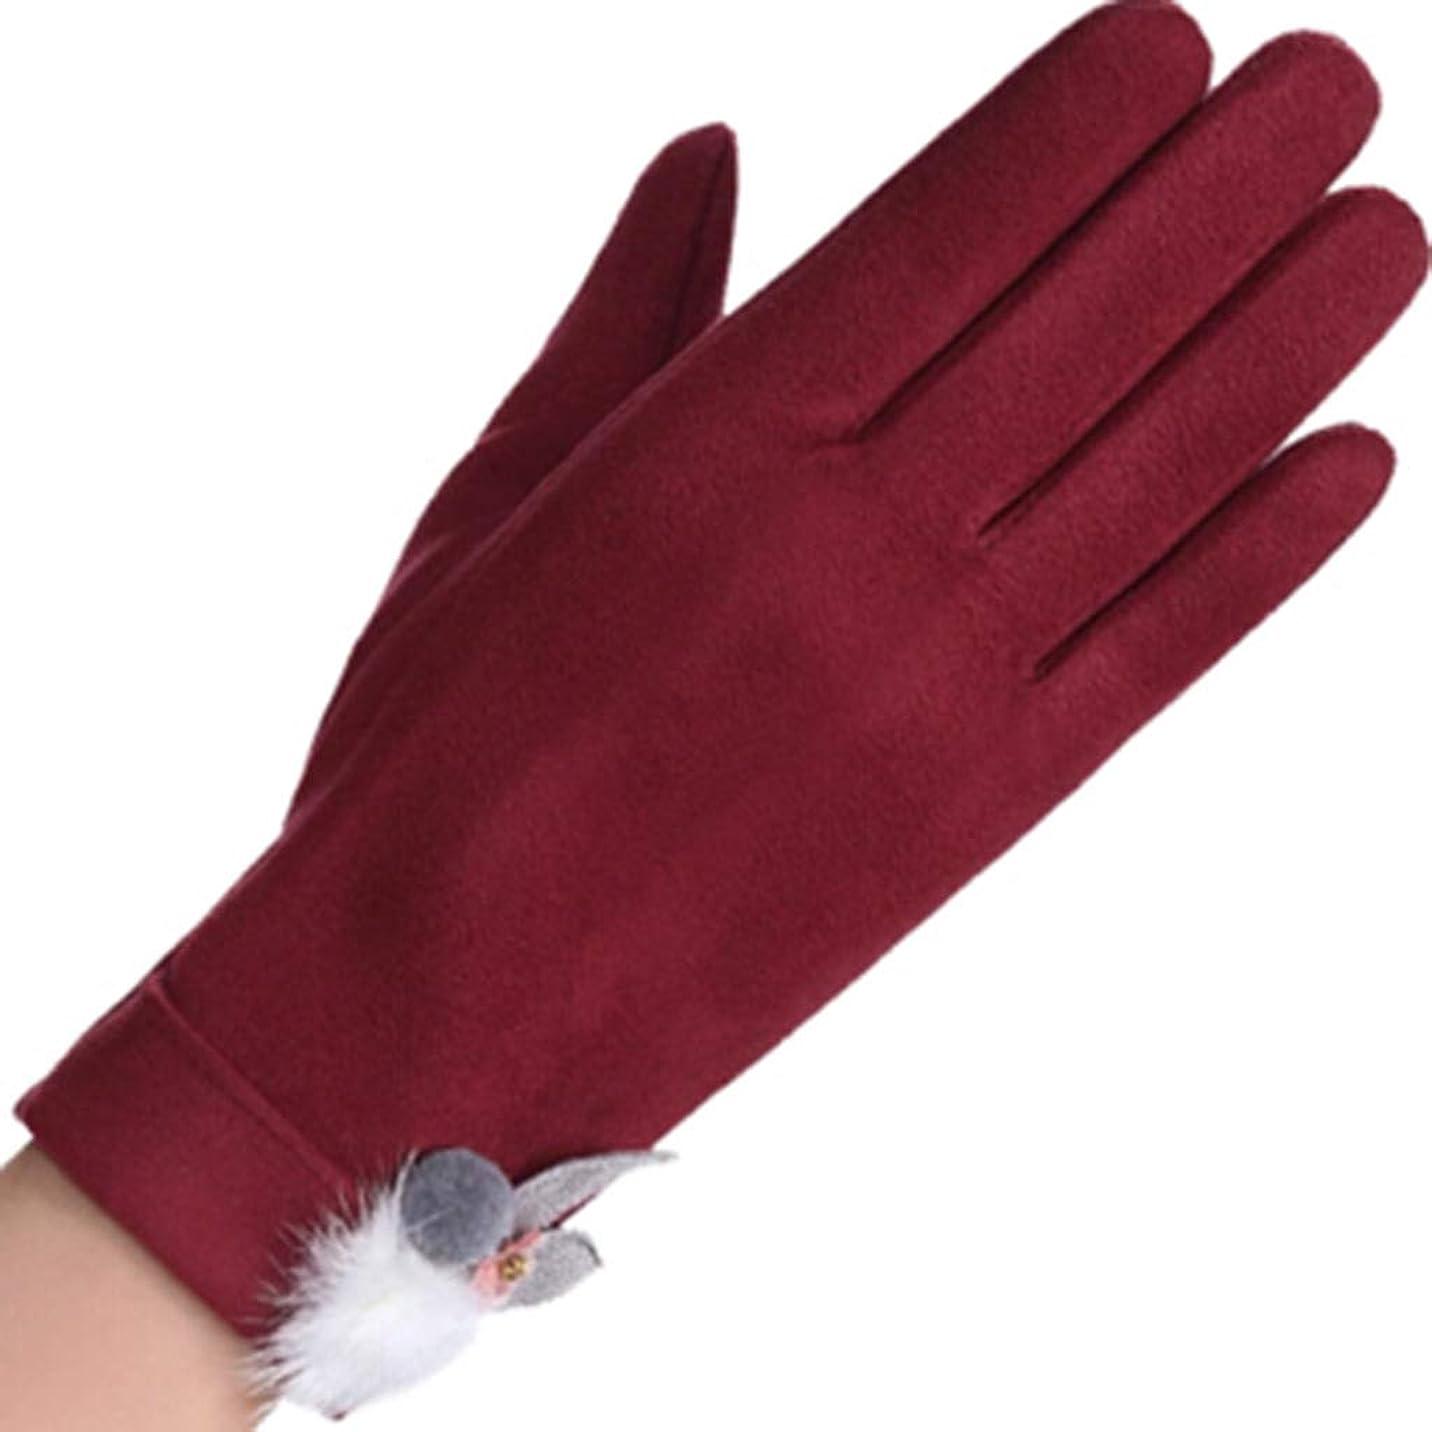 参照する貢献兵隊手袋の女性の暖かいタッチスクリーンの手袋冬の防風プラスベルベットの女性の毛の手袋の黒ワインレッド (色 : 赤ワイン)